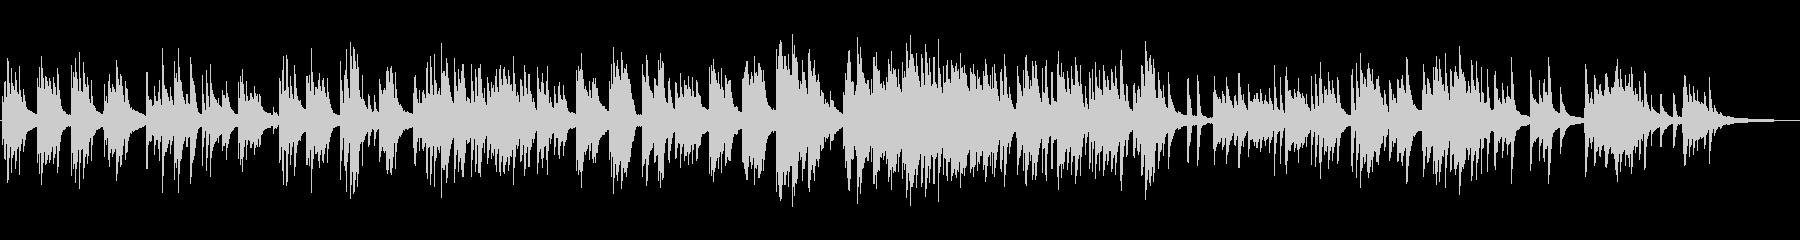 穏やかな日常のピアノBGMの未再生の波形